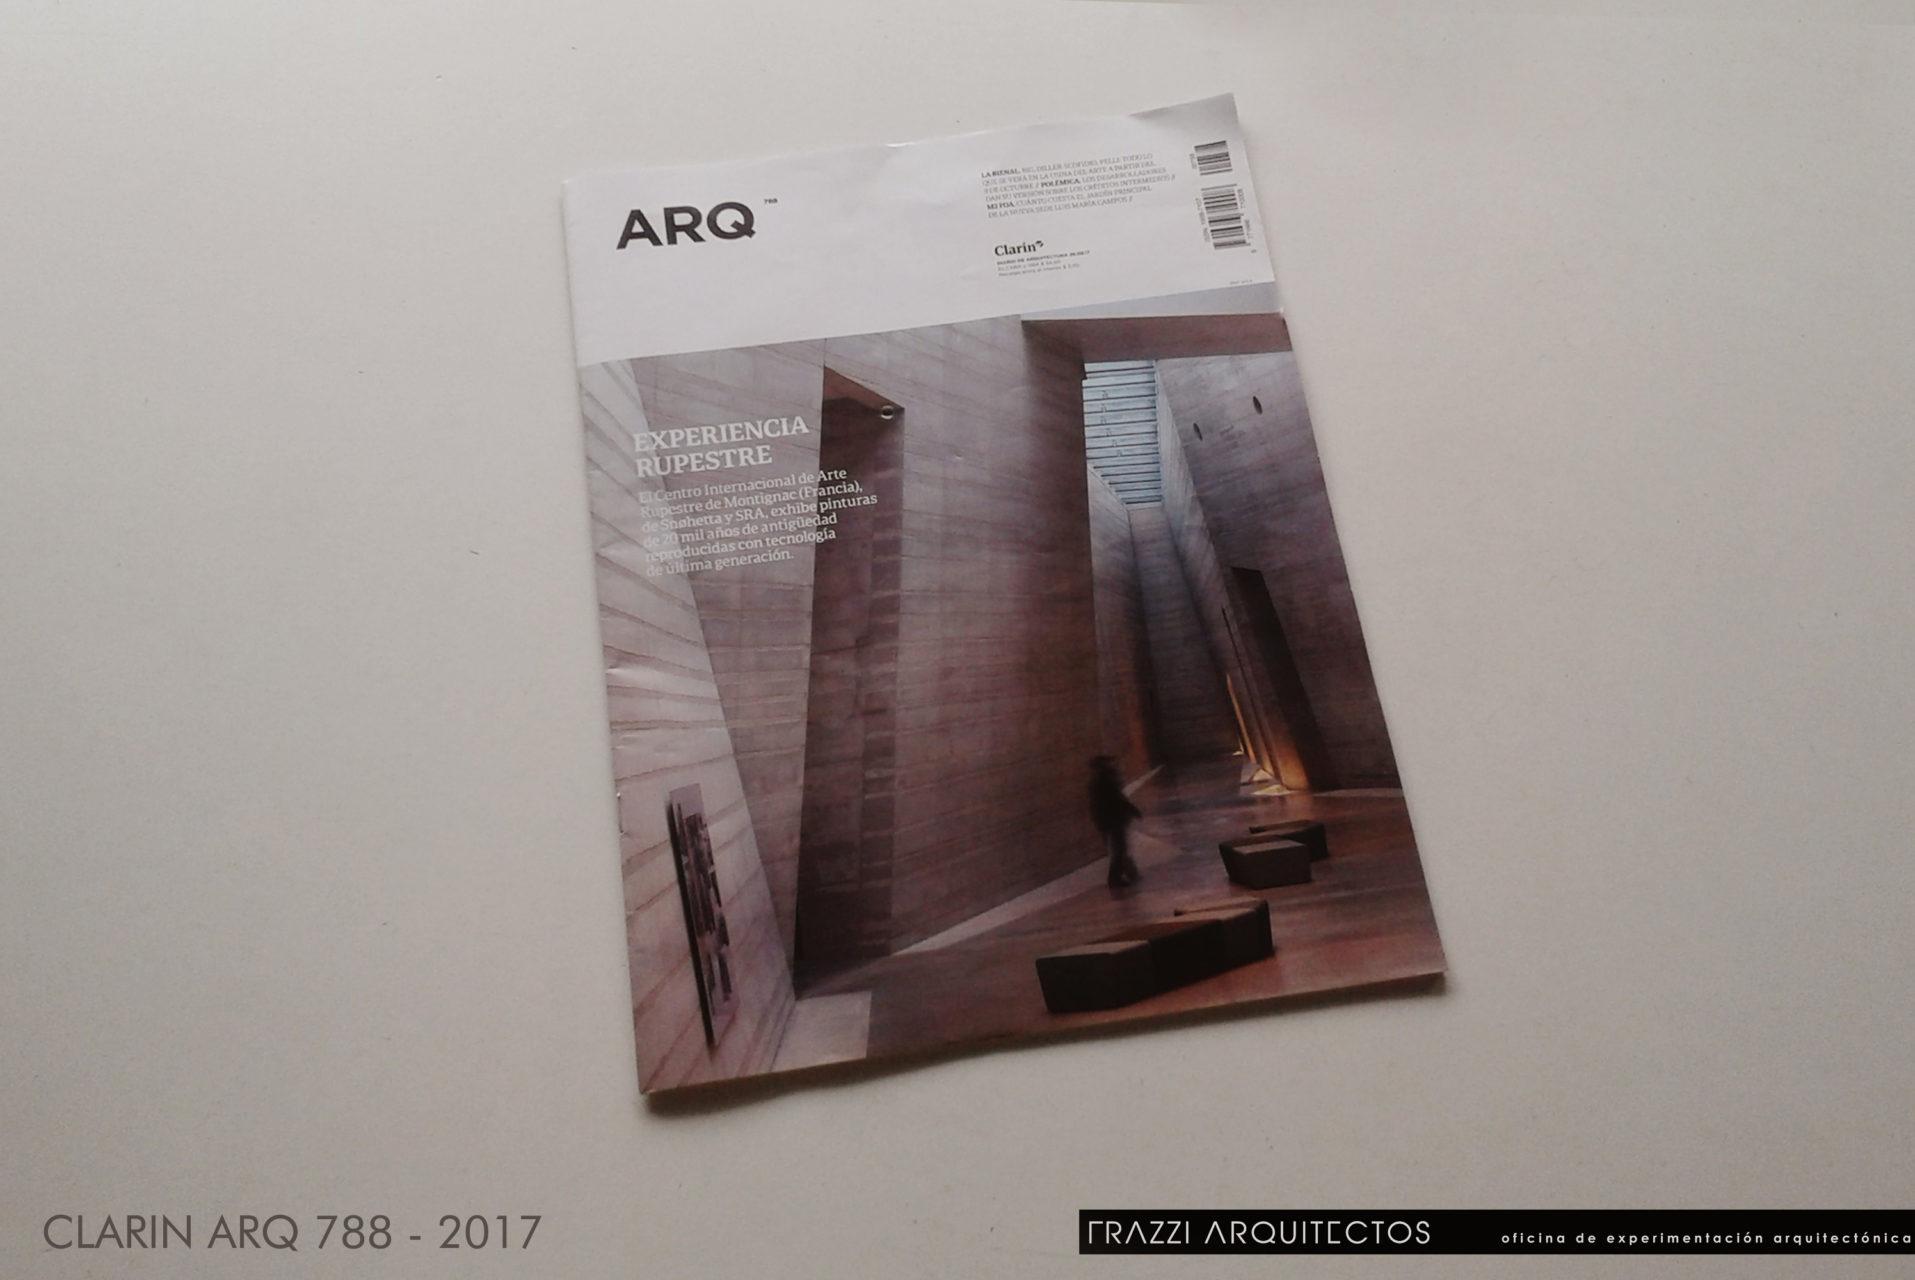 01-CLARIN ARQ 788